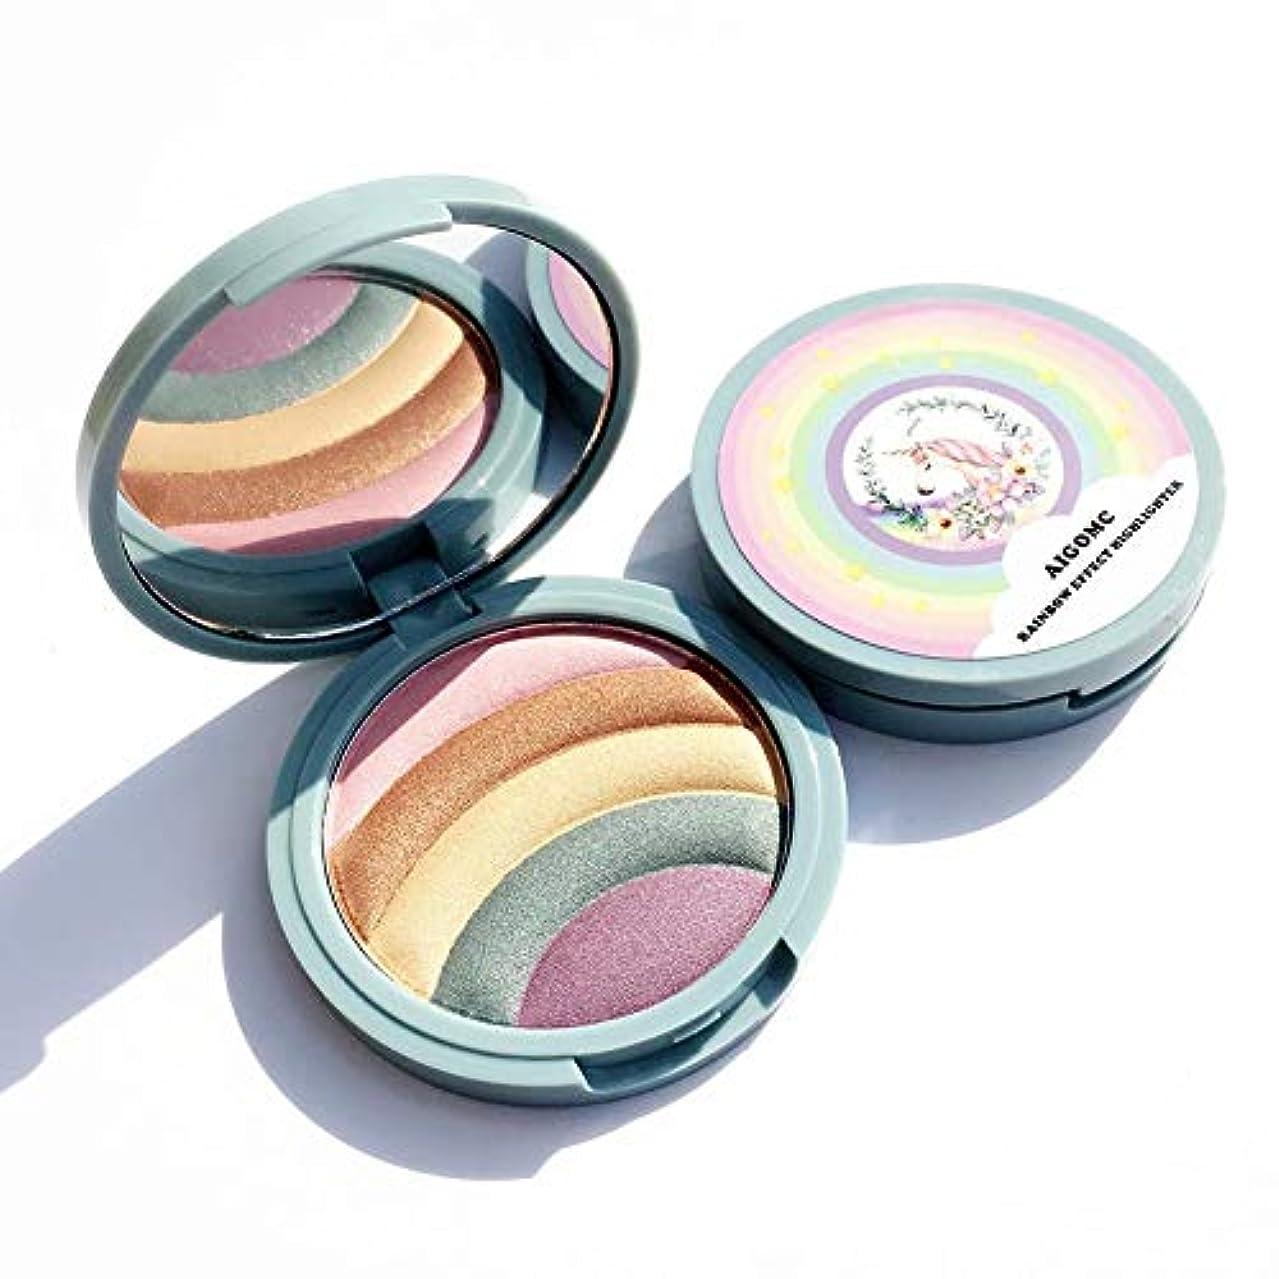 付添人主導権最終的にBrill(ブリーオ)最高のプロアイシャドウマットパレットメイクアイシャドウプロフェッショナル完璧なファイル暖かいナチュラルニュートラルスモーキーパレットアイメイクアップシルキーパウダー化粧品5色